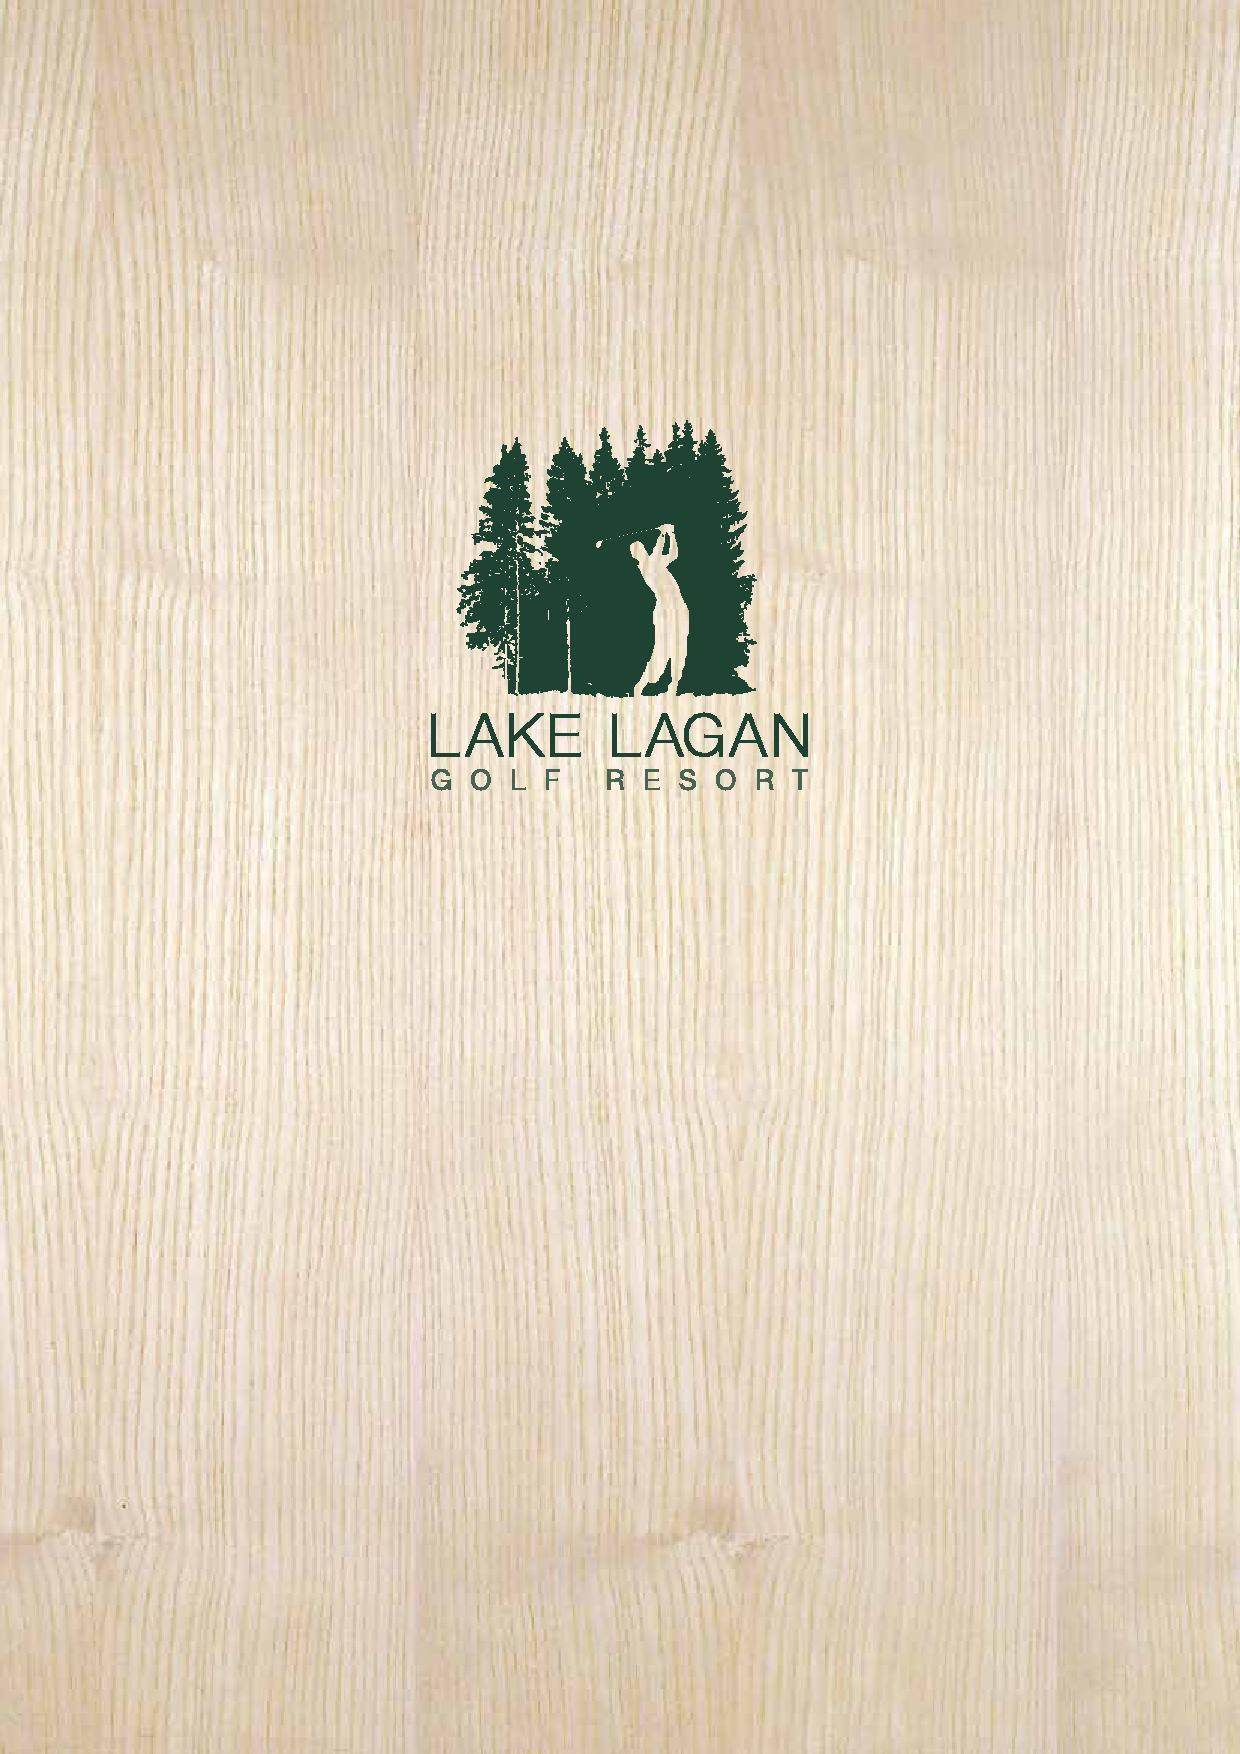 Lake Lagan Brochure by Årstiderne Arkitekter - issuu